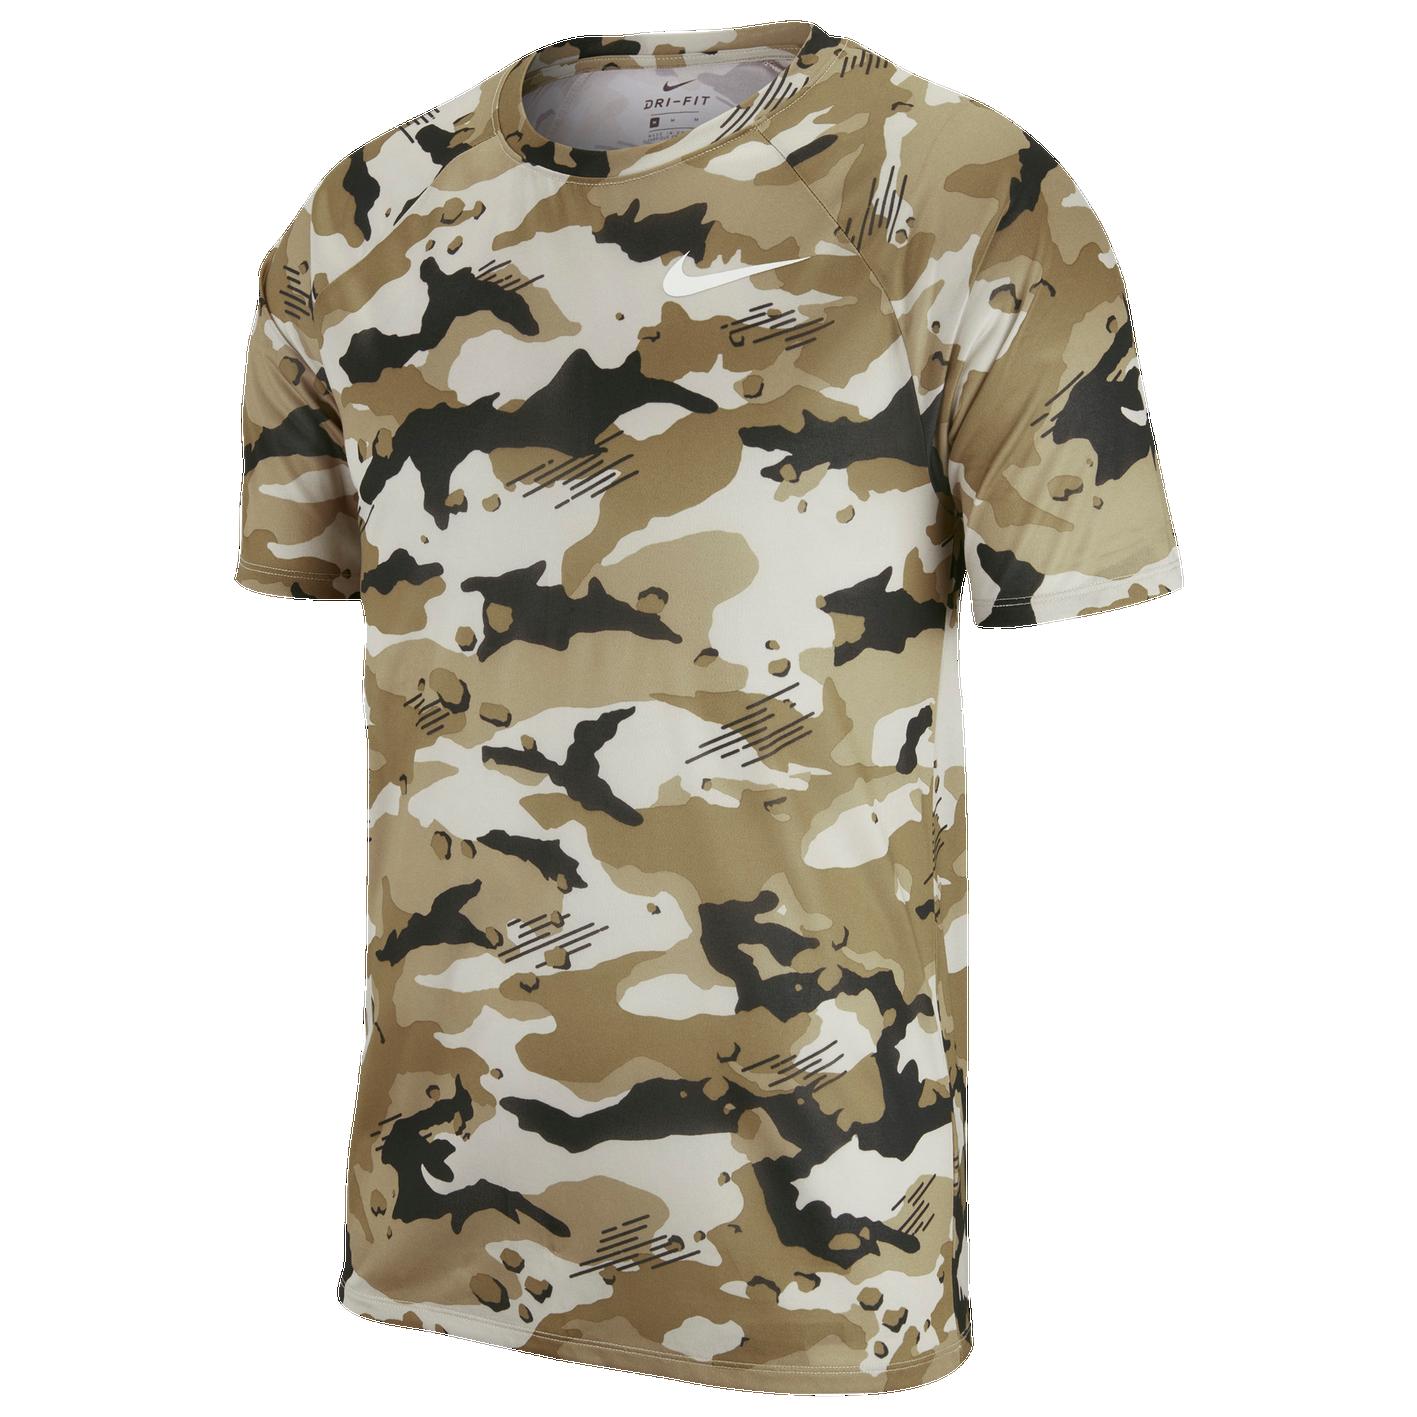 87263934903b Nike Legend Camo AOP S S T-Shirt - Men s - Training - Clothing ...